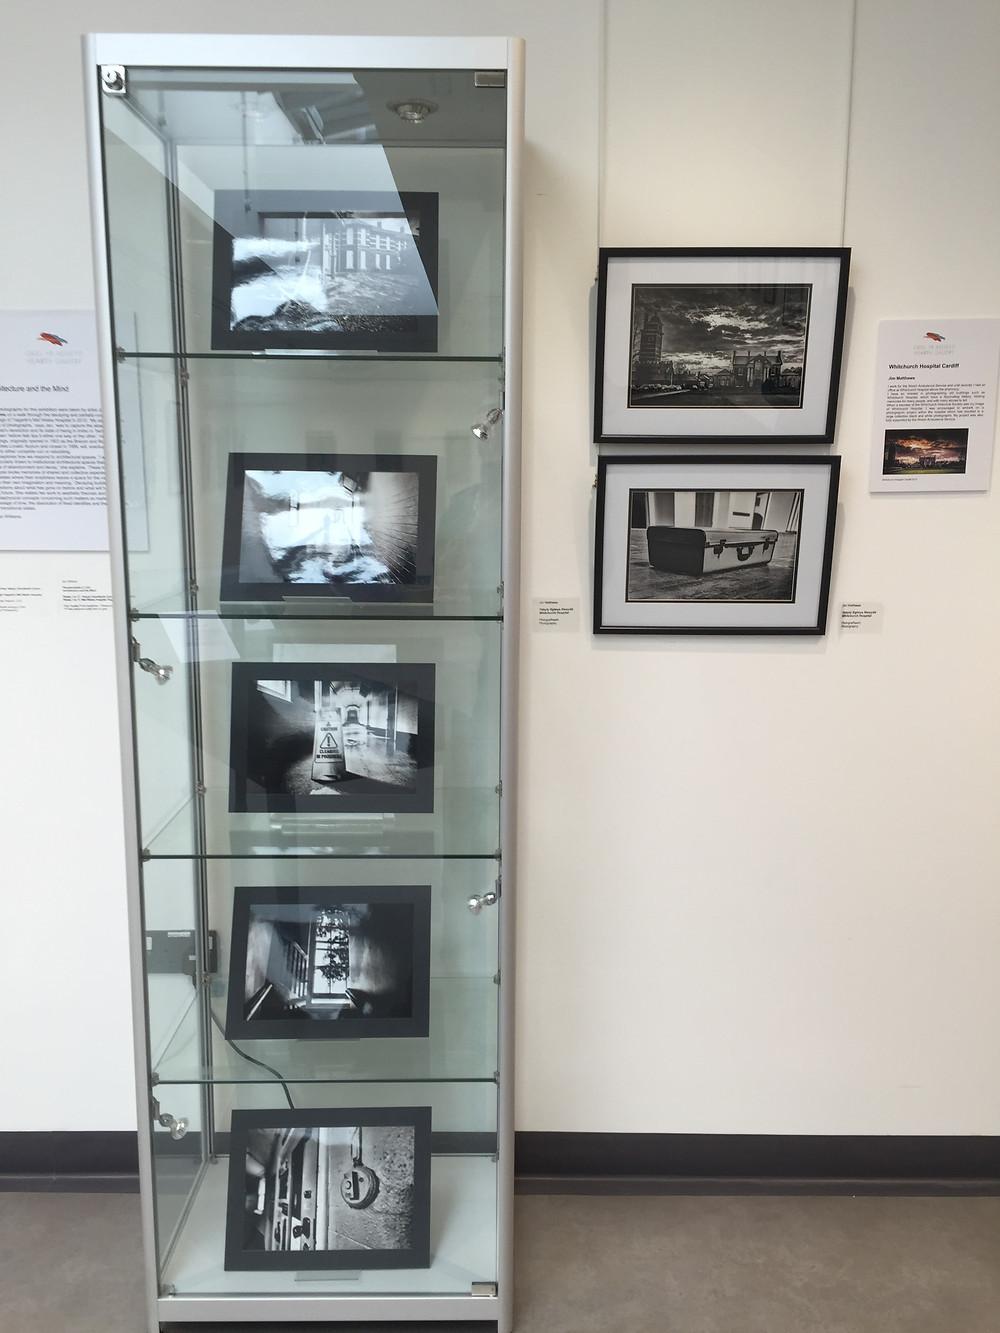 Llandough Hospital Exhibition